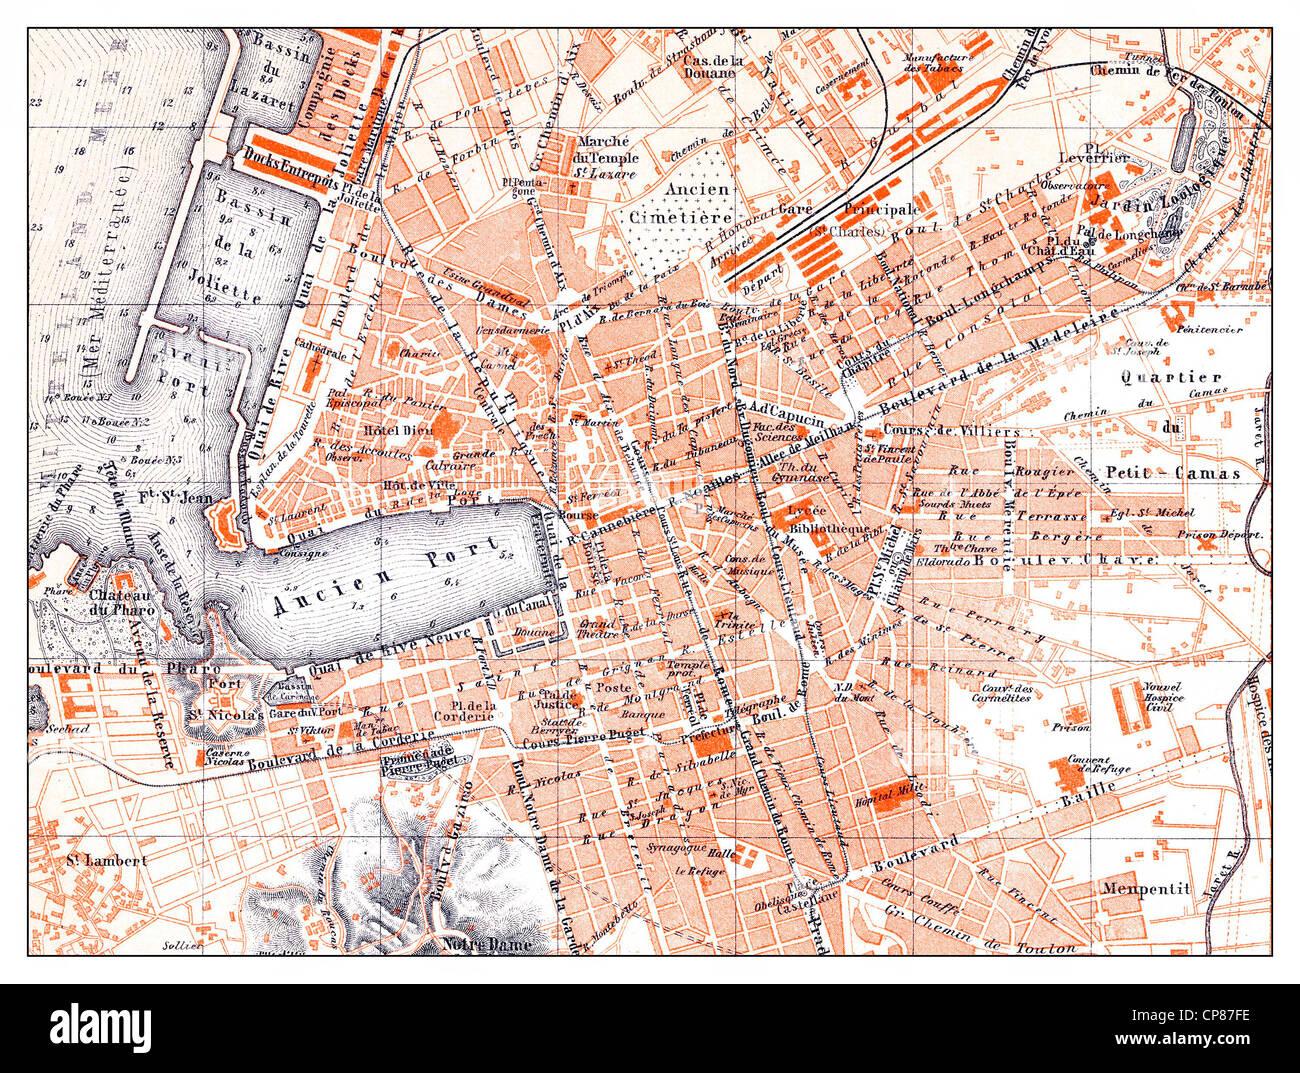 Carte historique de Marsaille, France, Historische, zeichnerische Darstellung, Stadtplan von Marsaille, Frankreich, Photo Stock